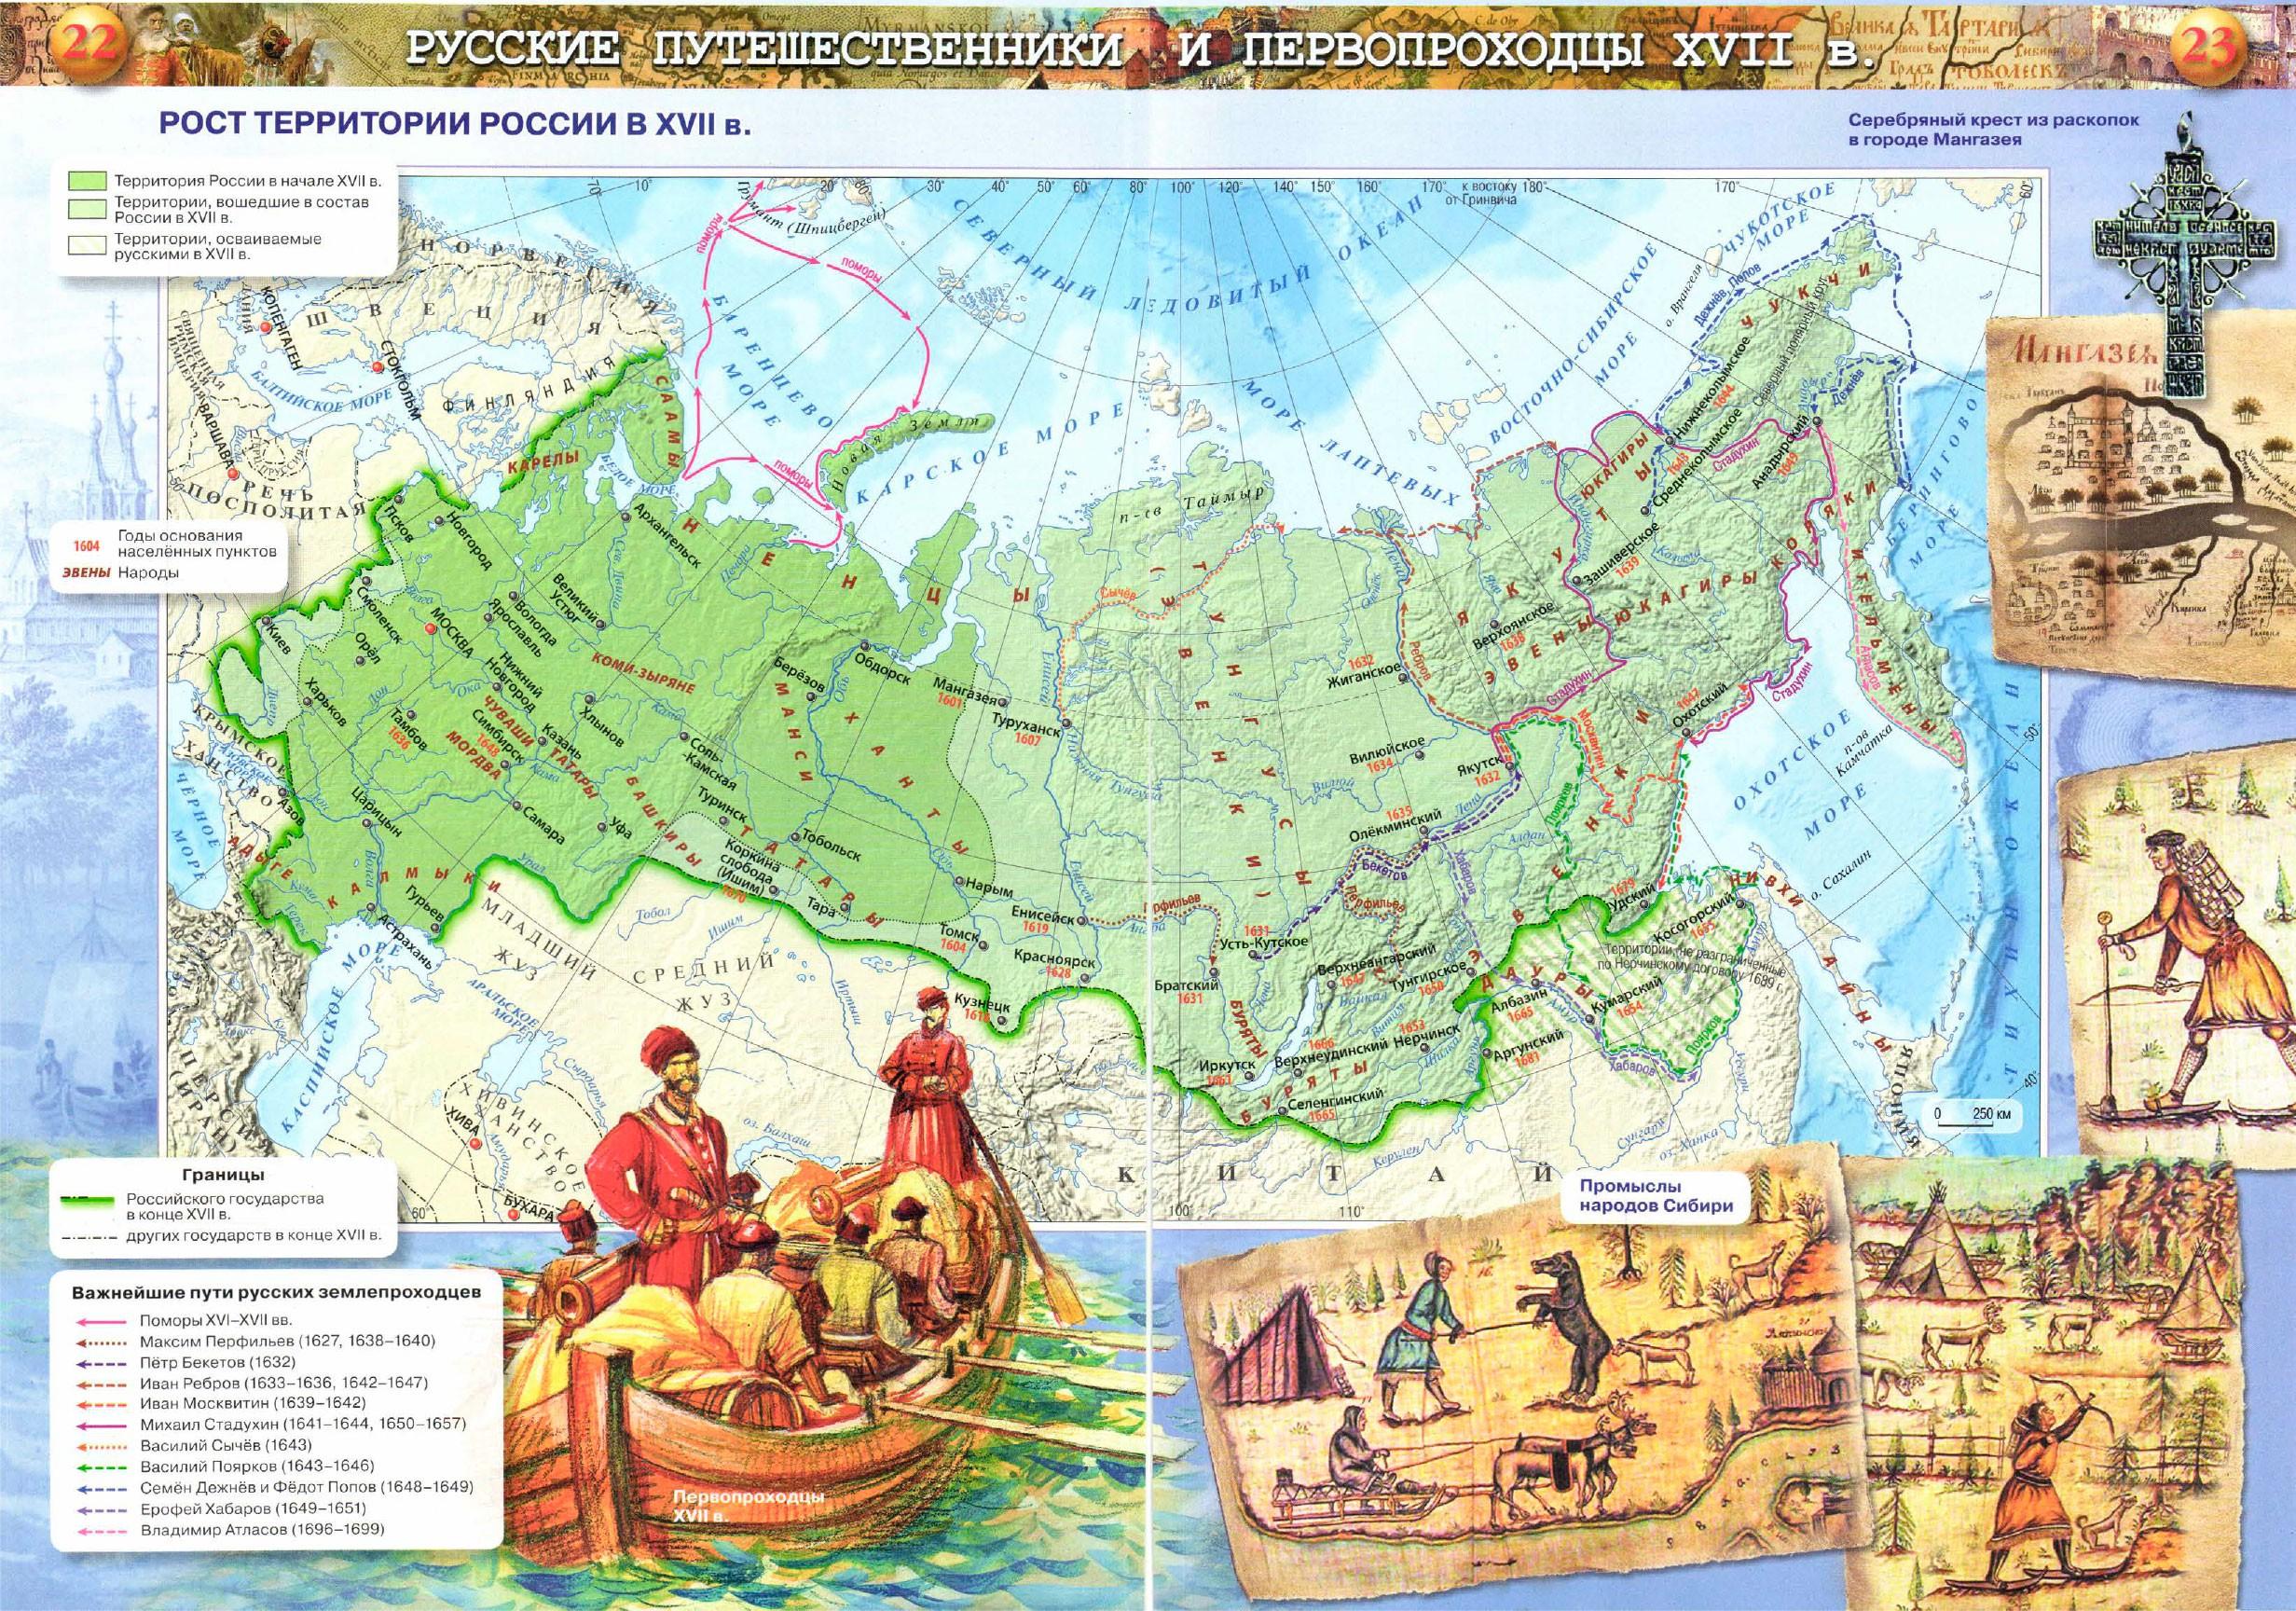 Учебник по истории России. Арсентьев. 7 класс 2 часть. Параграф 25